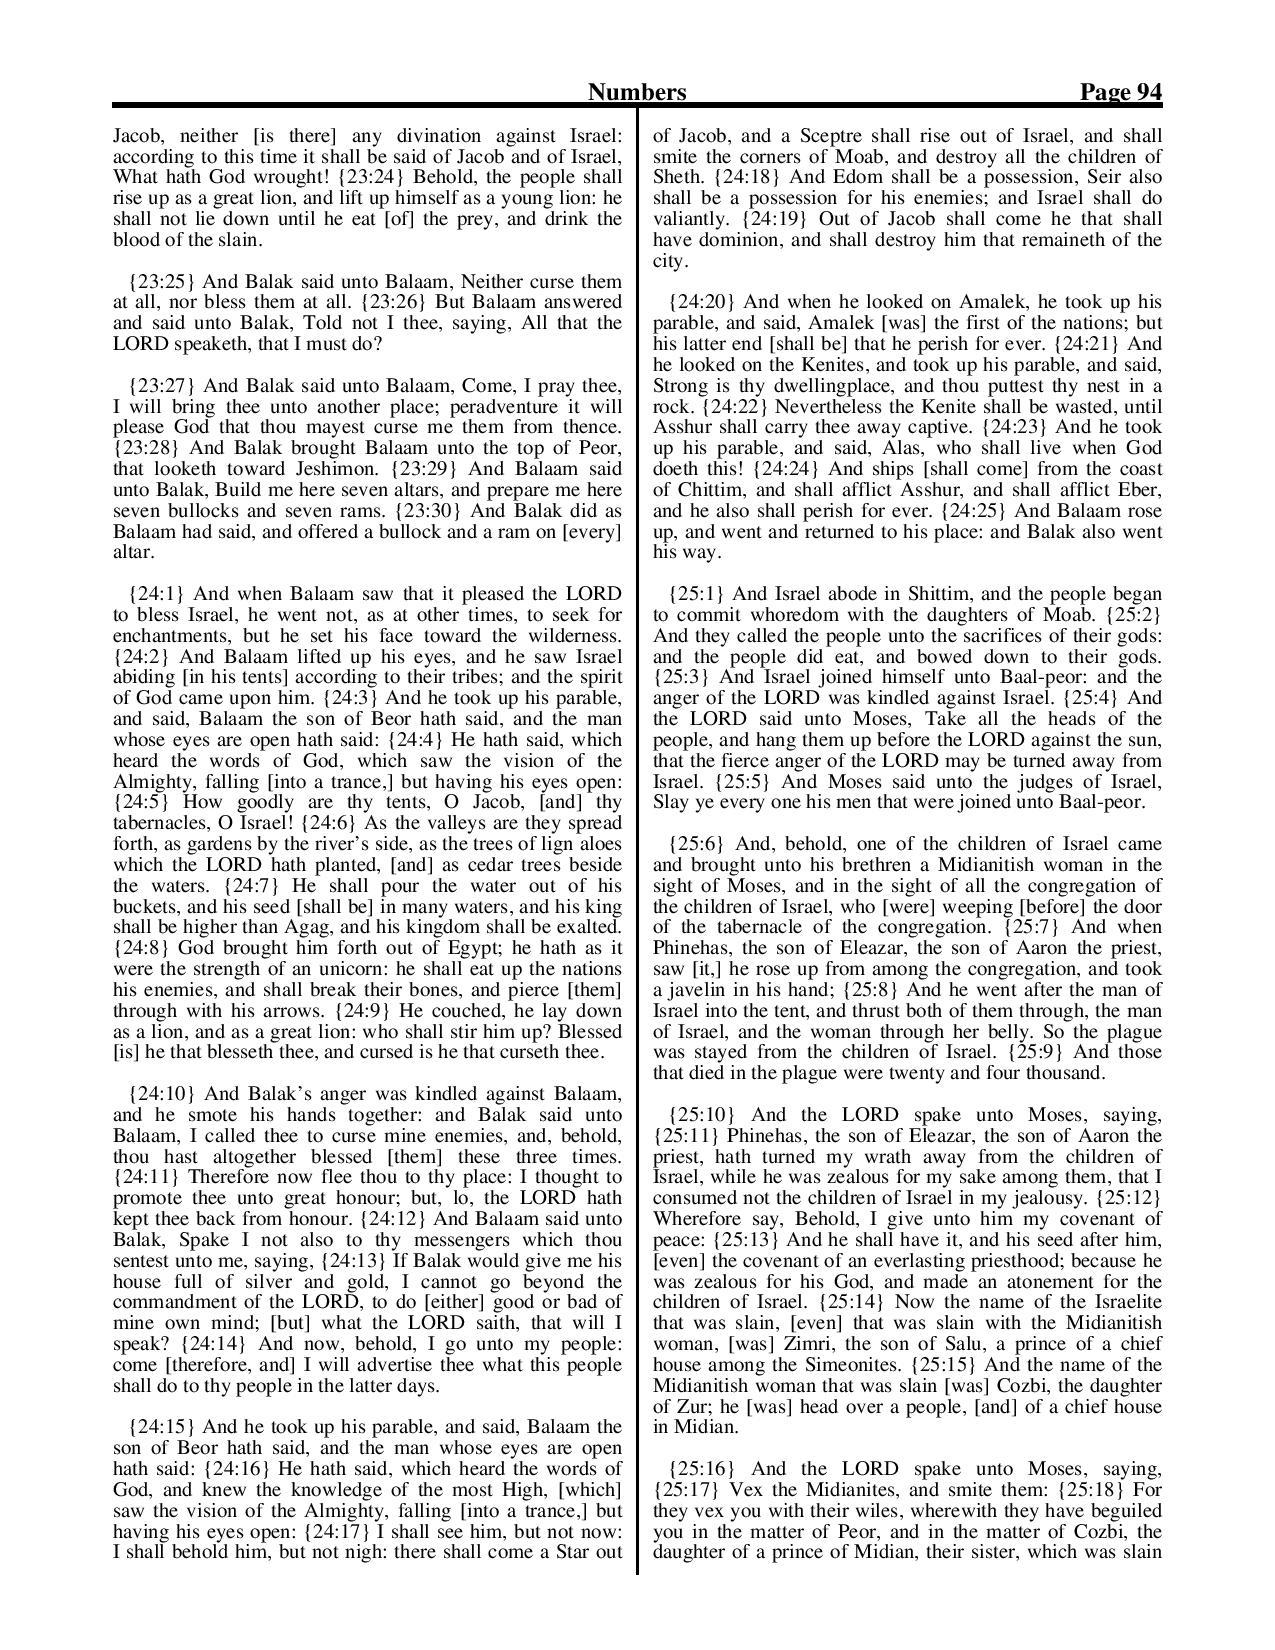 King-James-Bible-KJV-Bible-PDF-page-115